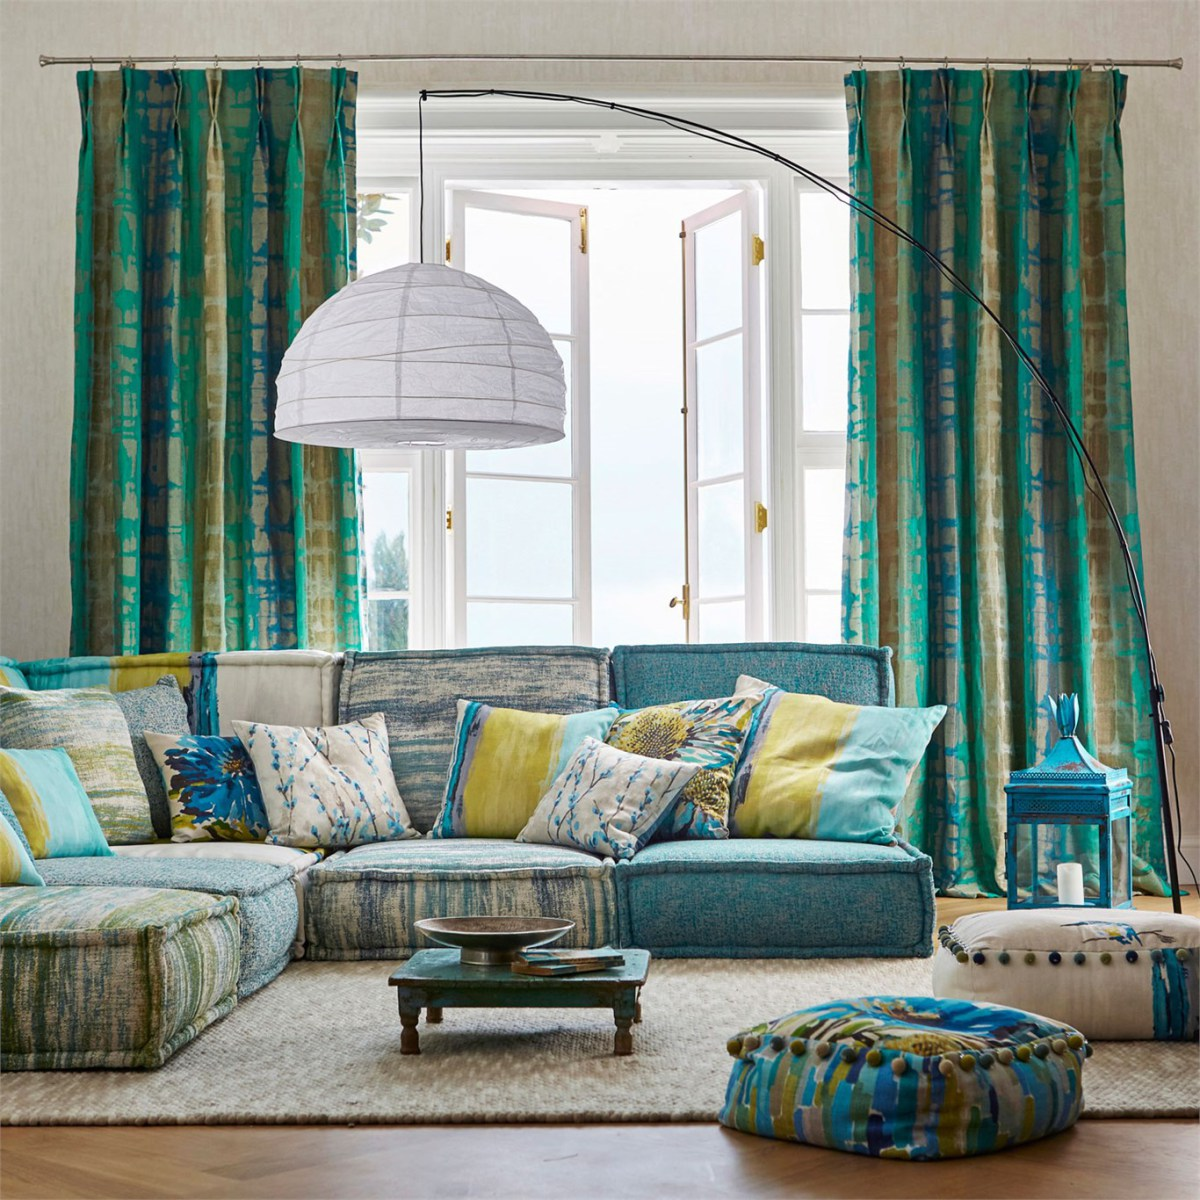 Elige telas online para cortinas y viste tu hogar que - Moda en cortinas de salon ...